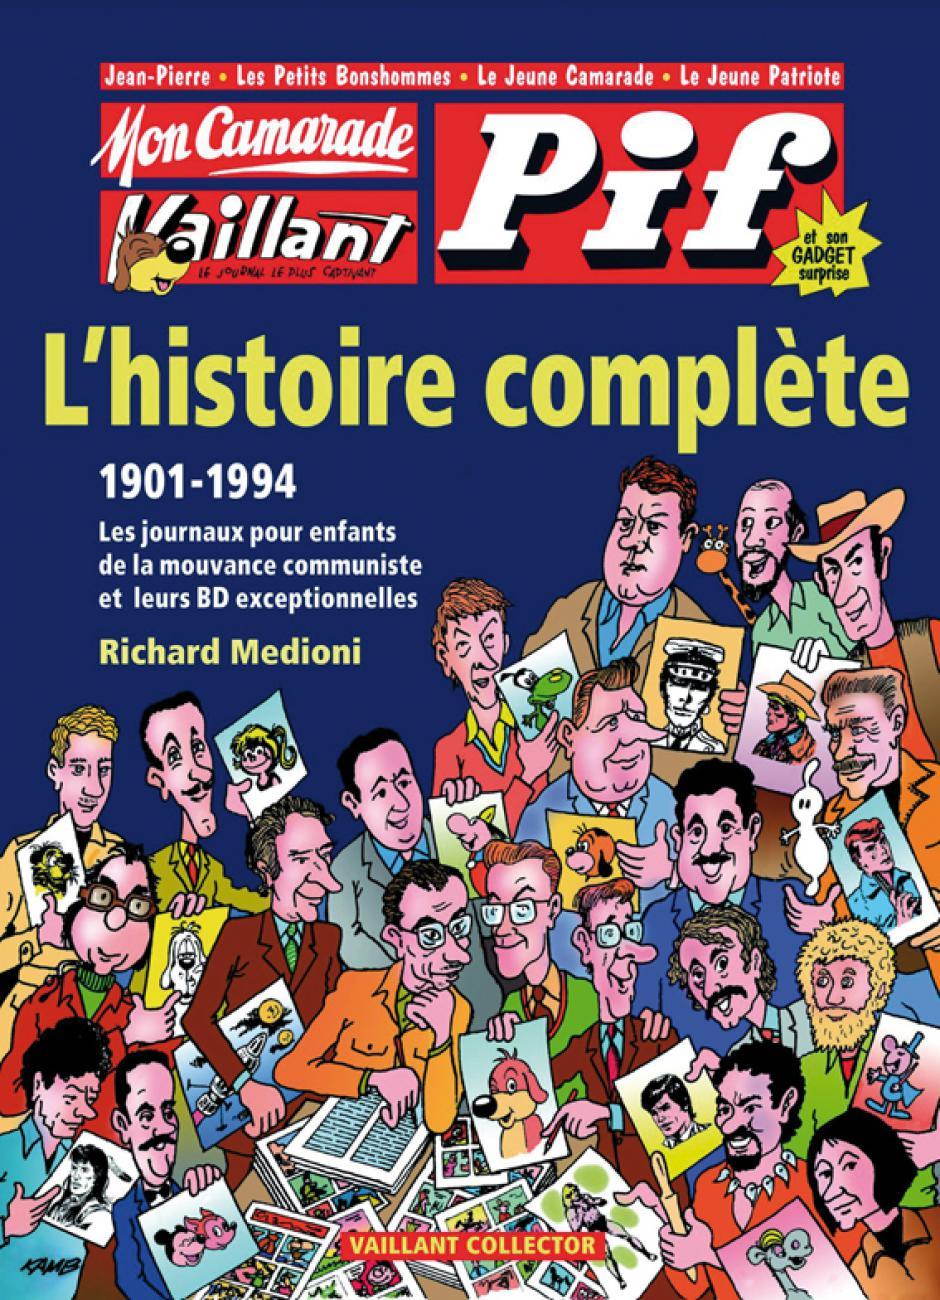 Mon Camarade - Vaillant - Pif Gadget : L'histoire complète (1901-1994), Richard Medioni